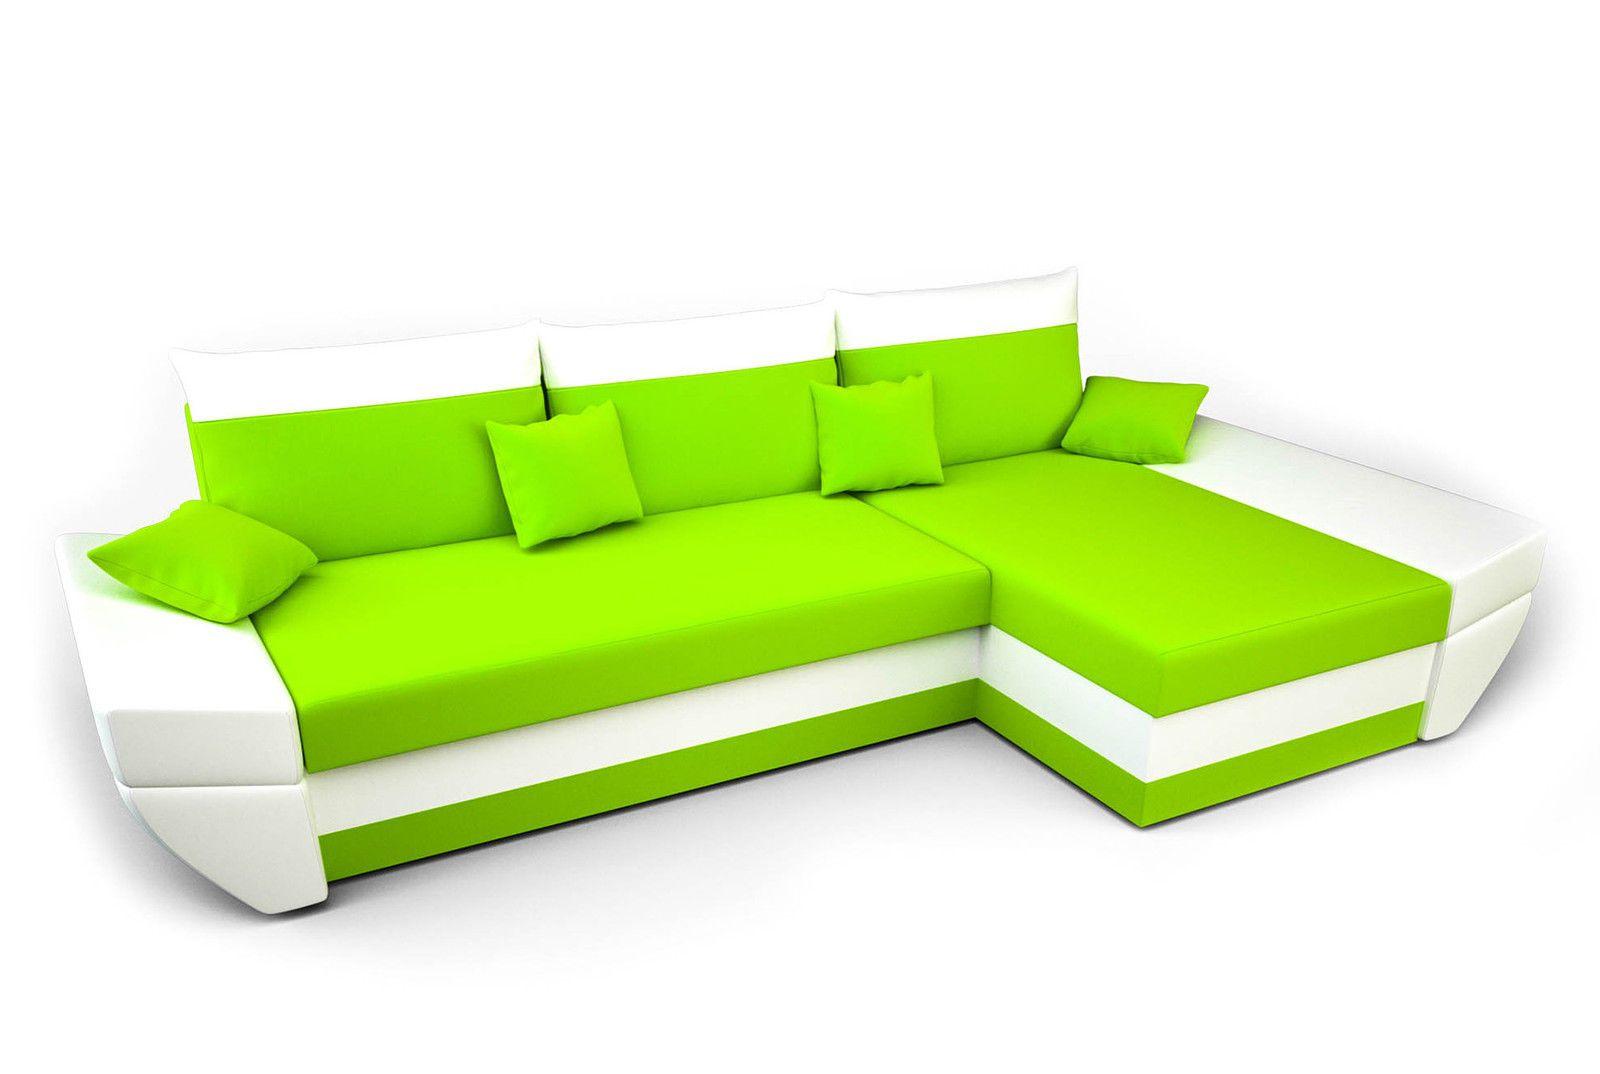 Sofa Couch Ecksofa Eckcouch Schlaffunktion Bettkasten Sofagarnitur Schlafsofa Schlafcouch Sofa Ecksofas Schlafcouch